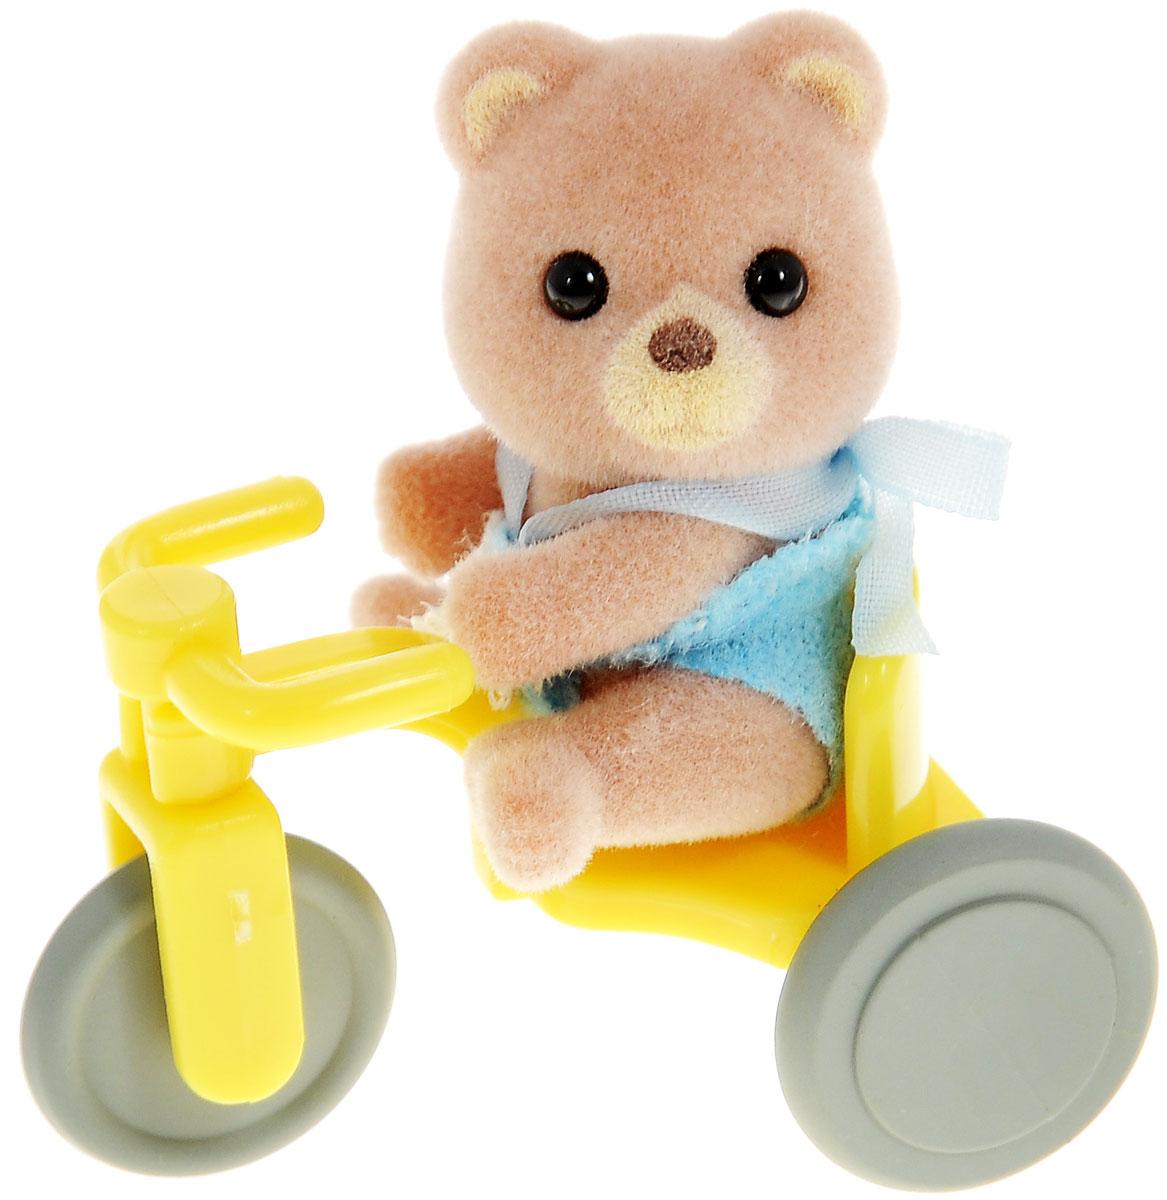 Sylvanian Families Фигурка Малыш медвежонок на велосипеде3340Игровой набор Sylvanian Families Малыш медвежонок на велосипеде привлечет внимание вашего ребенка и станет отличным подарком для поклонников жителей чудесной страны Sylvanian Families. Набор состоит из фигурки младенца, выполненного в виде очаровательного животного и аксессуара для него. Компания была основана в 1985 году, в Японии. Sylvanian Families очень популярен в Европе и Азии, и, за долгие годы существования, компания смогла добиться больших успехов. 3 года подряд в Англии бренд Sylvanian Families был признан Игрушкой Года. Сегодня у героев Sylvanian Families есть собственное шоу, полнометражный мультфильм и сеть ресторанов, работающая по всей Японии. Sylvanian Families - это целый мир маленьких жителей, объединенных общей легендой. Жители страны Sylvanian Families - это кролики, белки, медведи, лисы и многие другие. У каждого из них есть дом, в котором есть все необходимое для счастливой жизни. В городе, где живут герои, есть школа,...